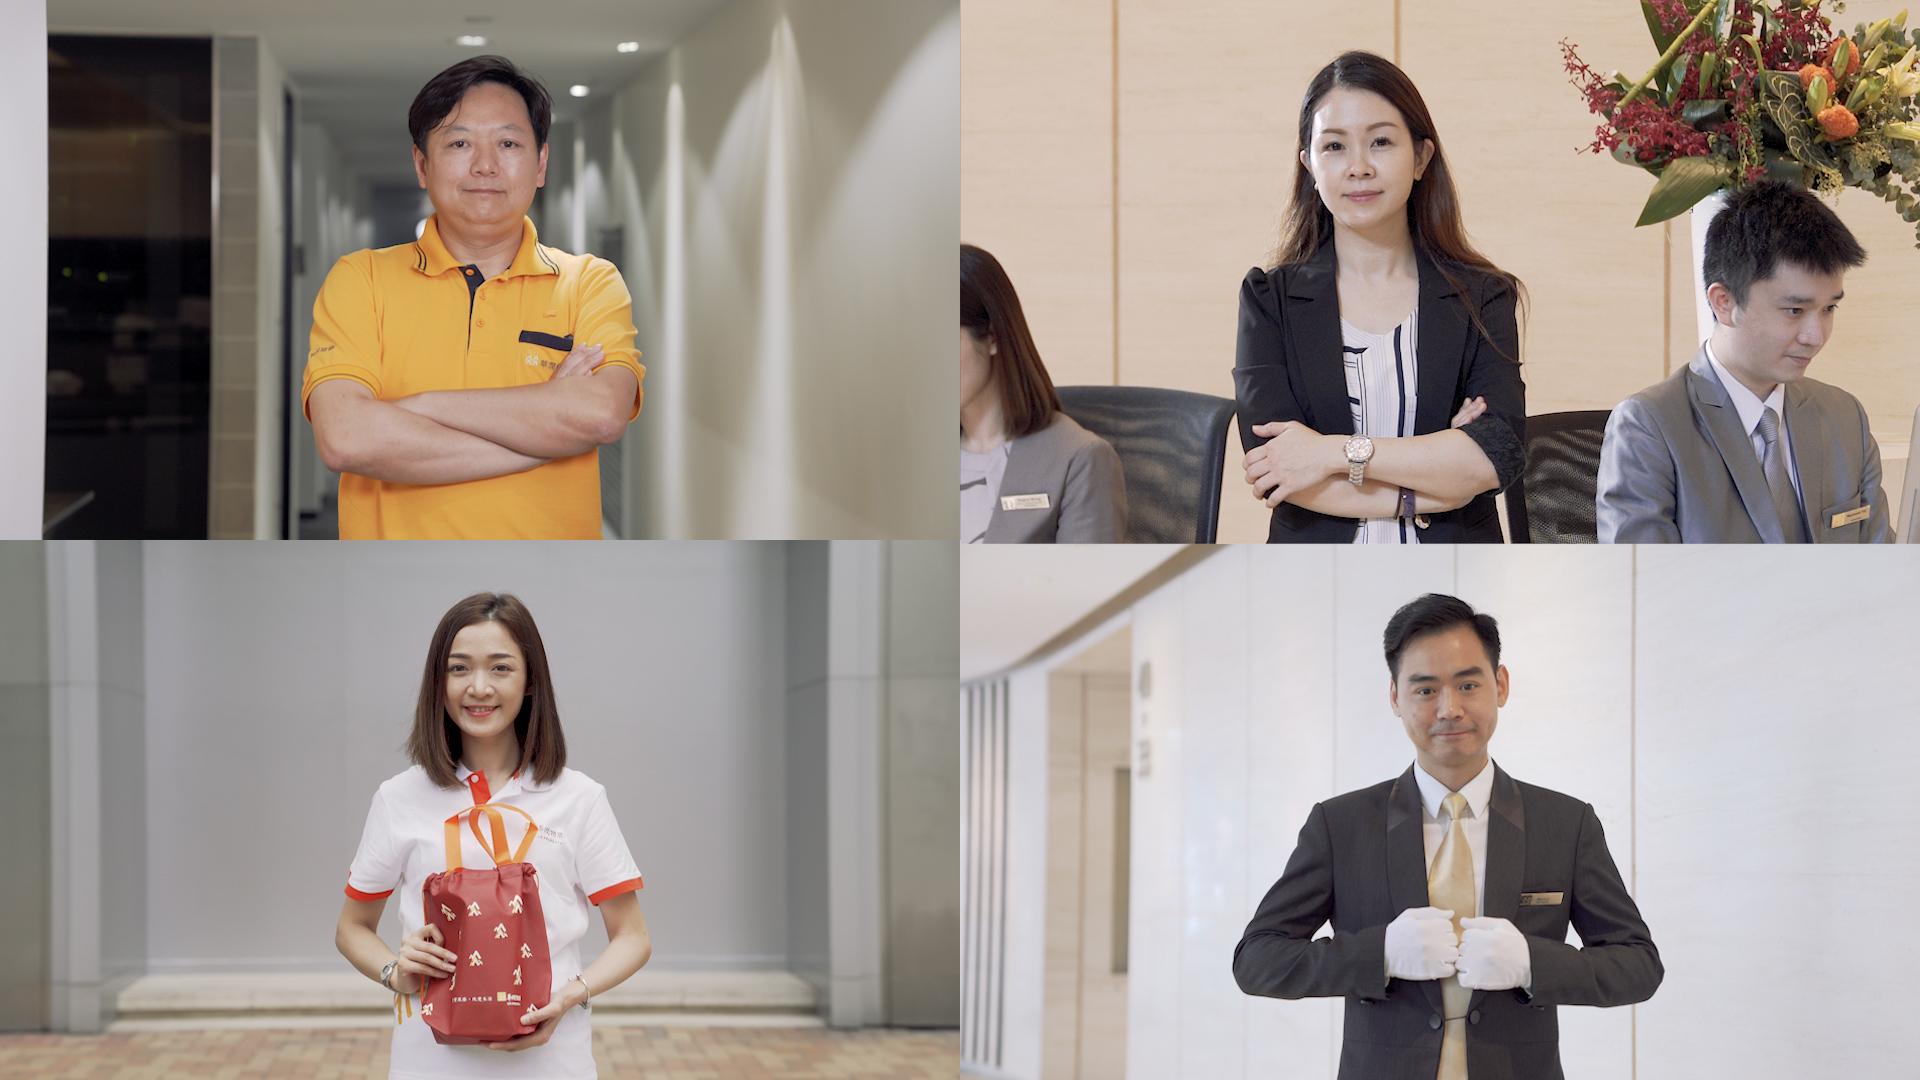 【我在華潤】四名物業員工小故事 從細節看出專業、細緻和貼心